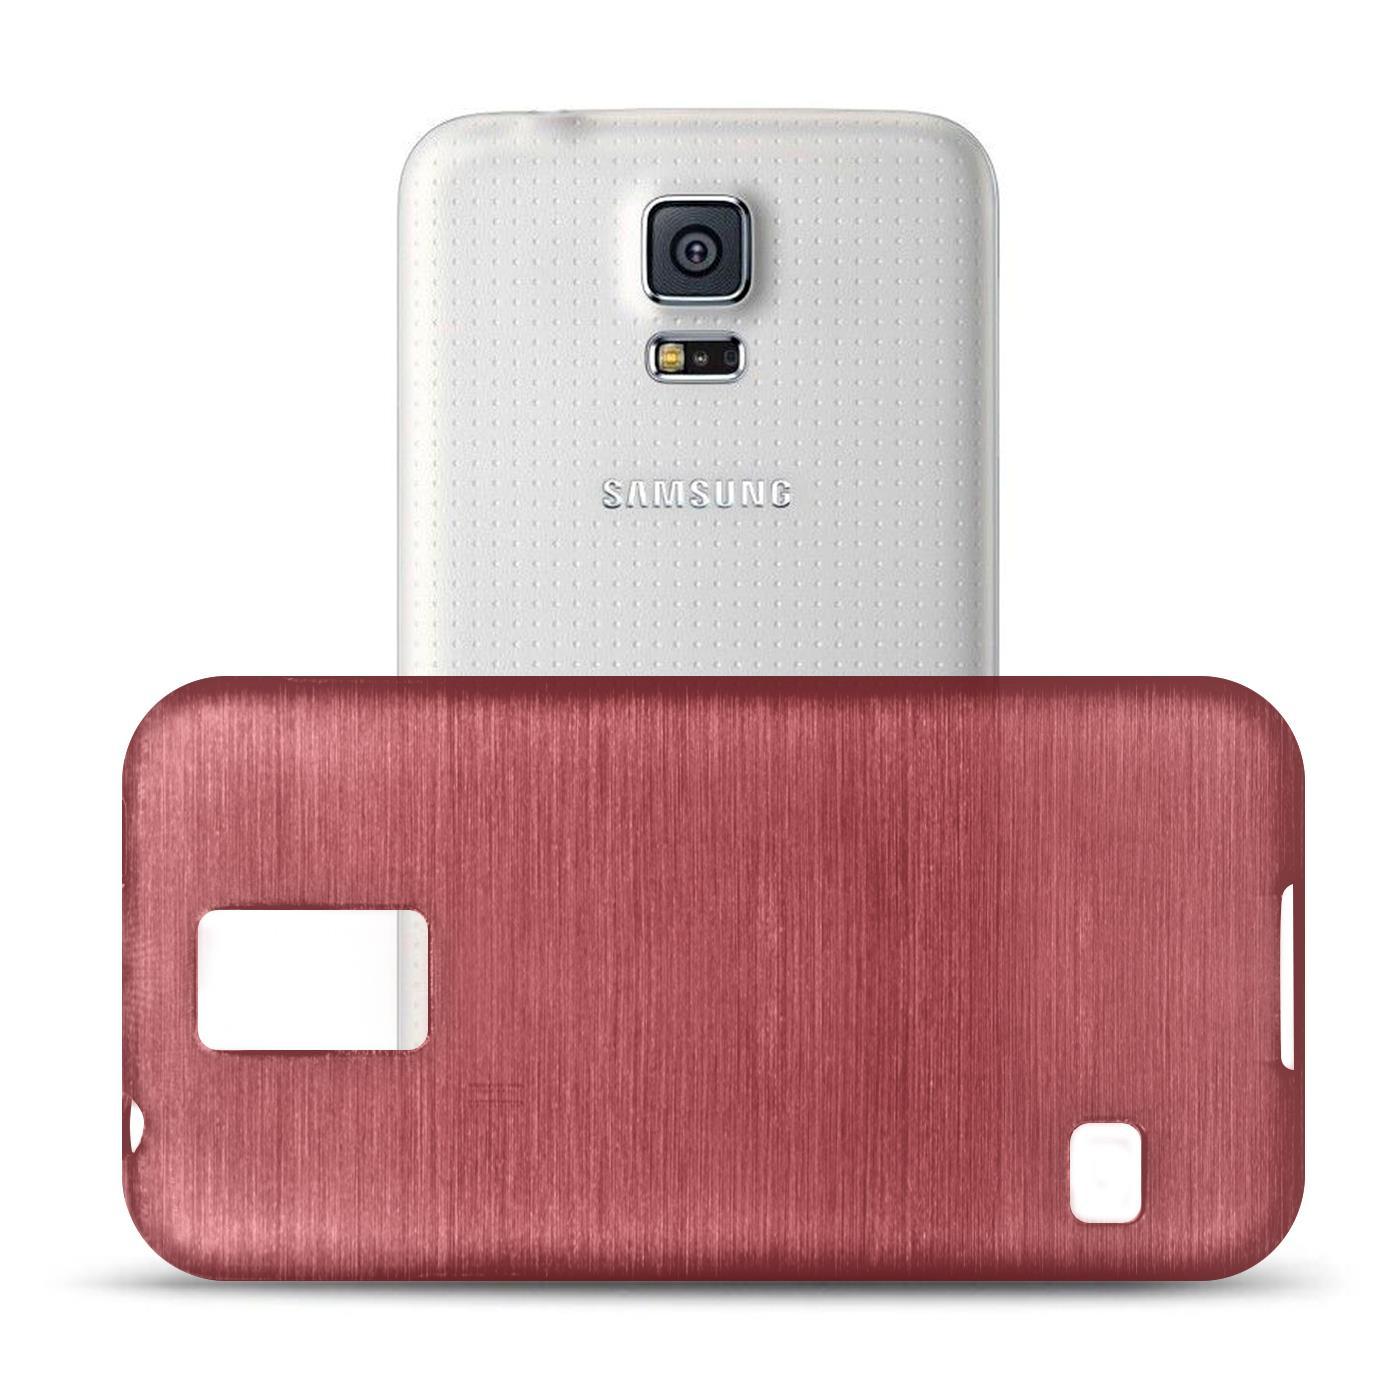 Silikon-Bumper-Case-Samsung-Galaxy-s5-Neo-duenne-ultra-slim-Stossfeste-Rueckschale Indexbild 24